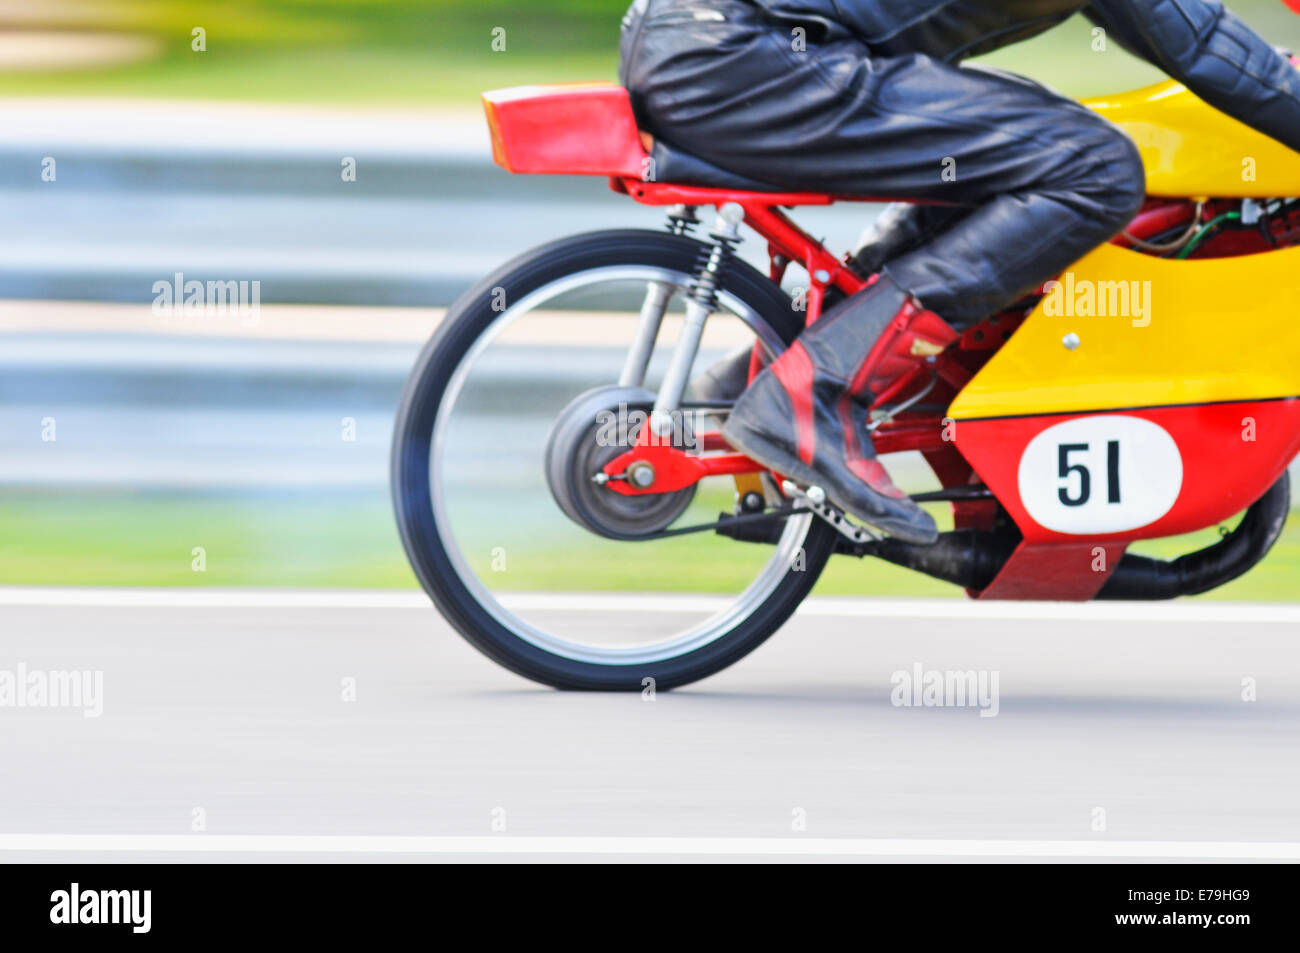 Moto Moto de carreras en un circuito Imagen De Stock